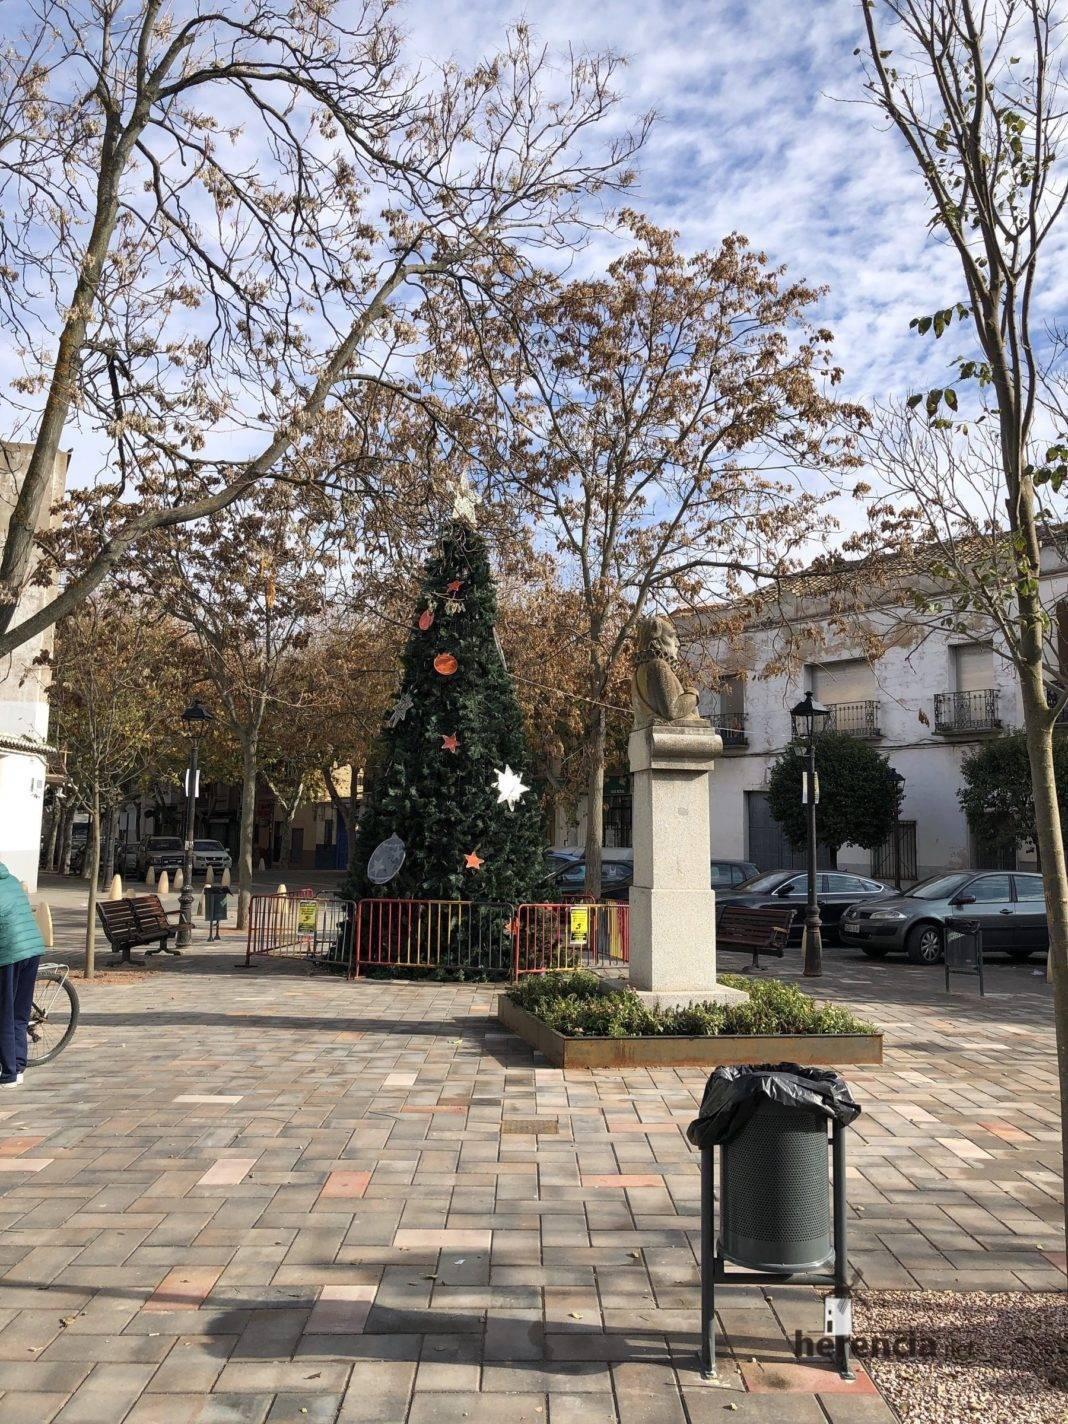 arbol de navidad herencia ciudad real 2 1068x1424 - Mensaje de navidad del alcalde de Herencia